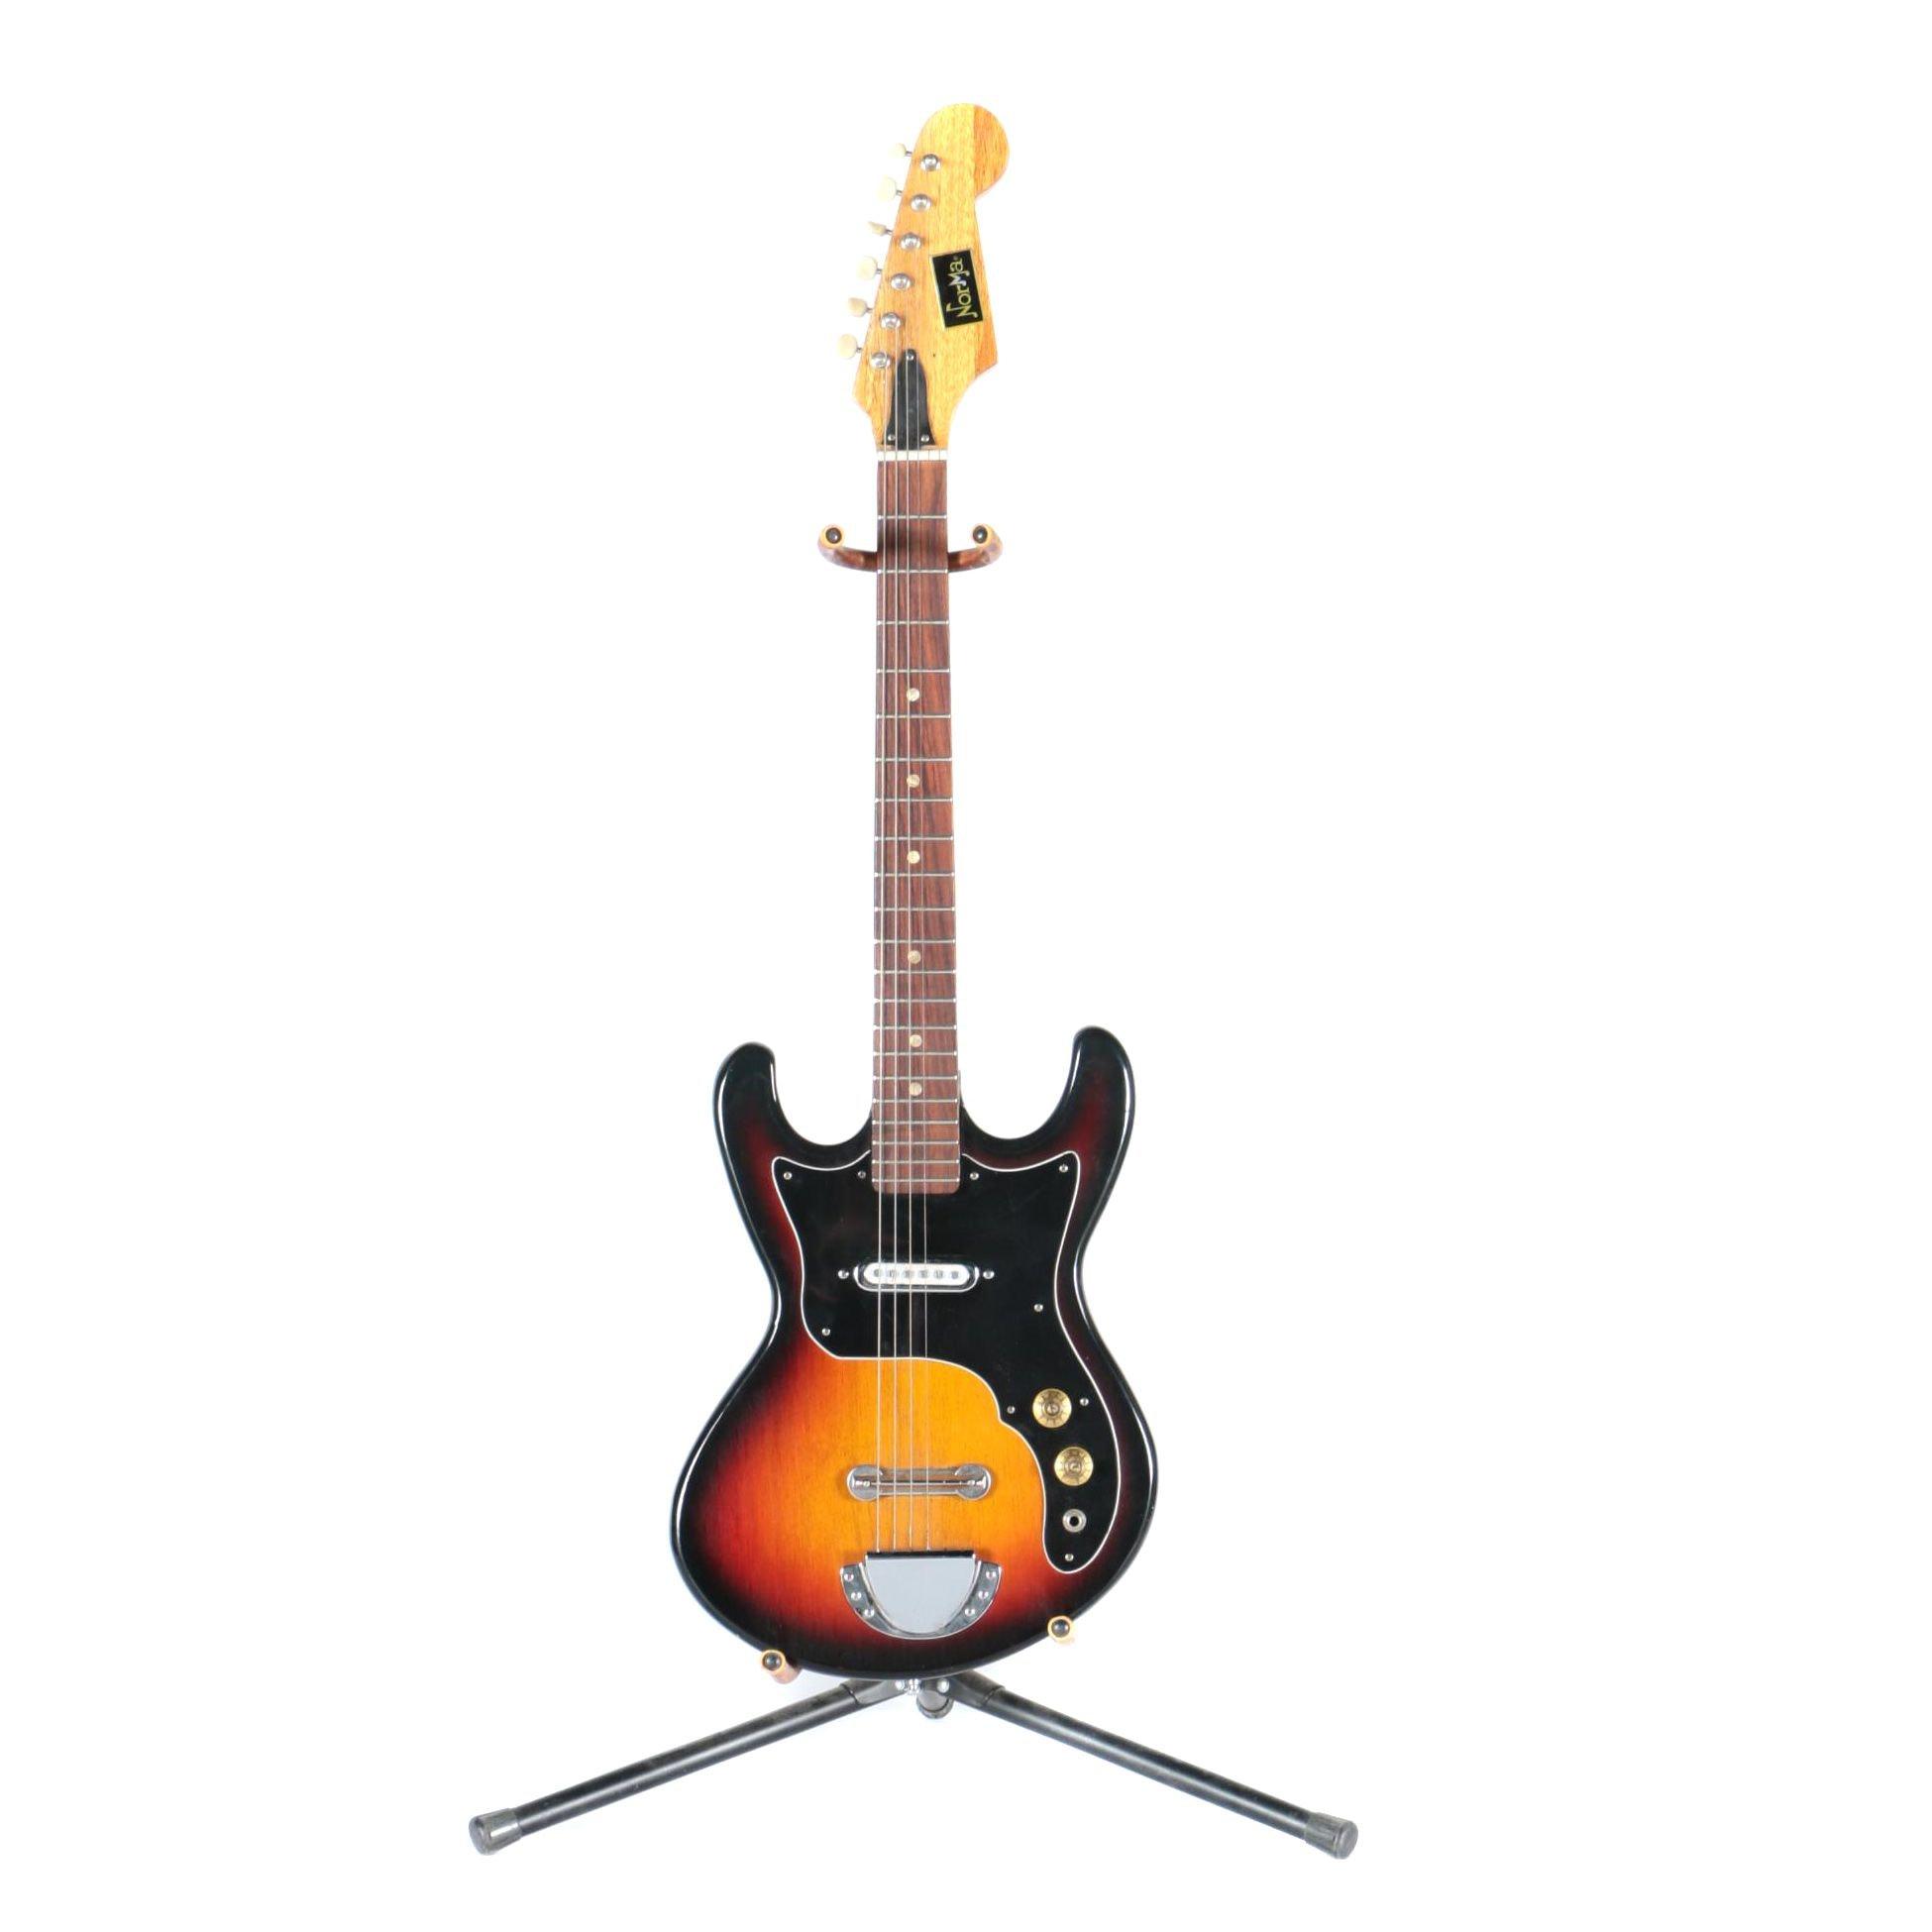 Vintage Norma Electric Guitar